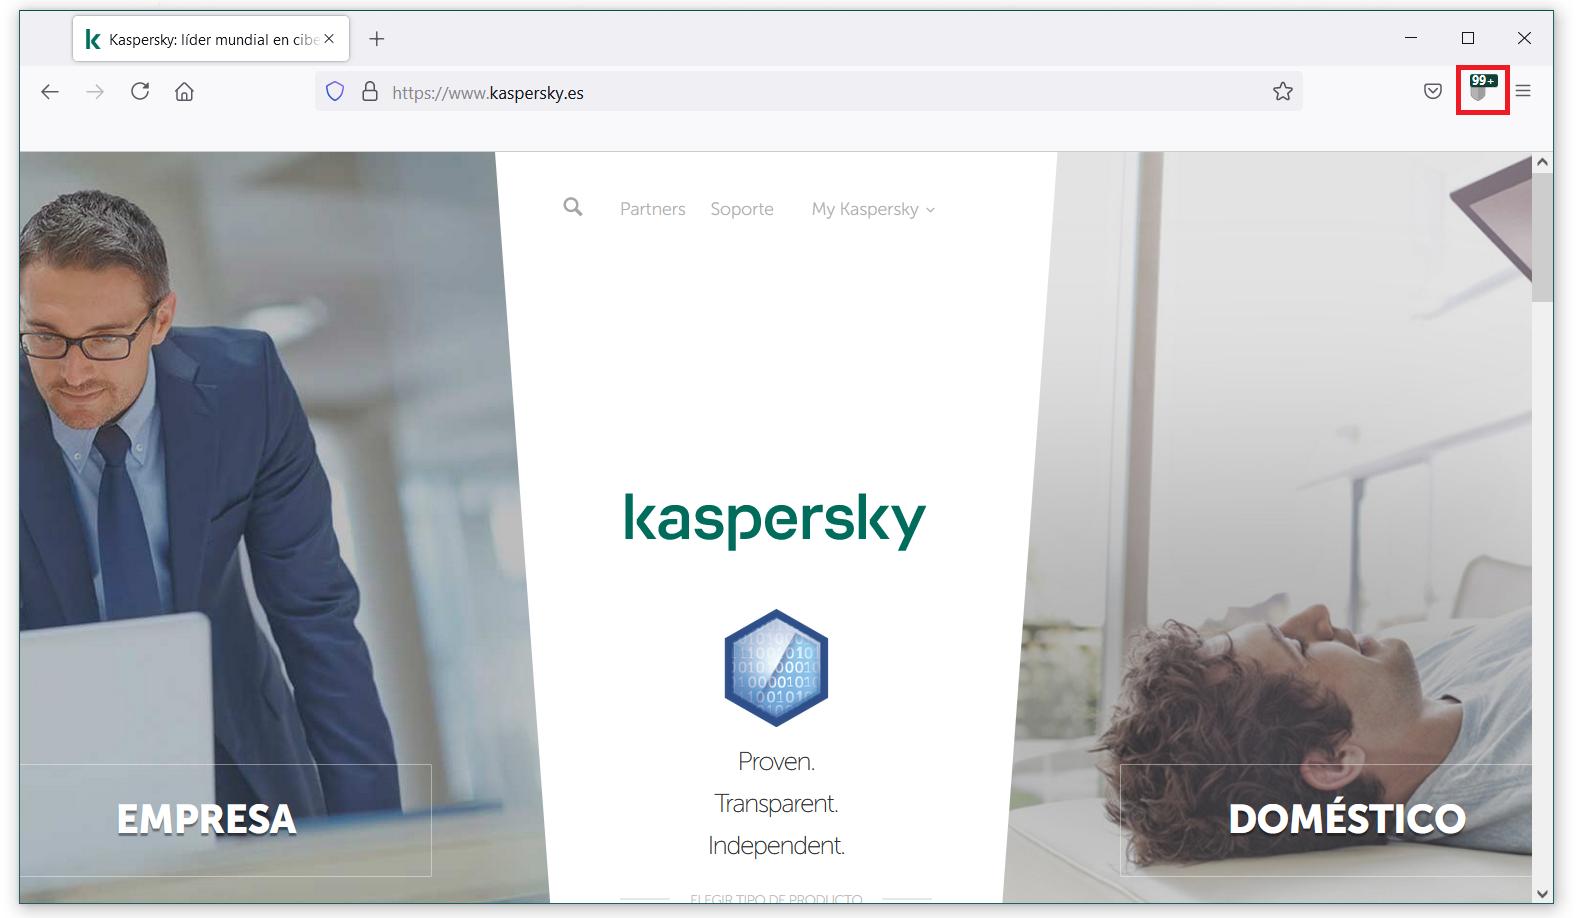 Si ya tienes instalada la extensión de Kaspersky Protection, su icono debería aparecer en la barra de navegación del navegador